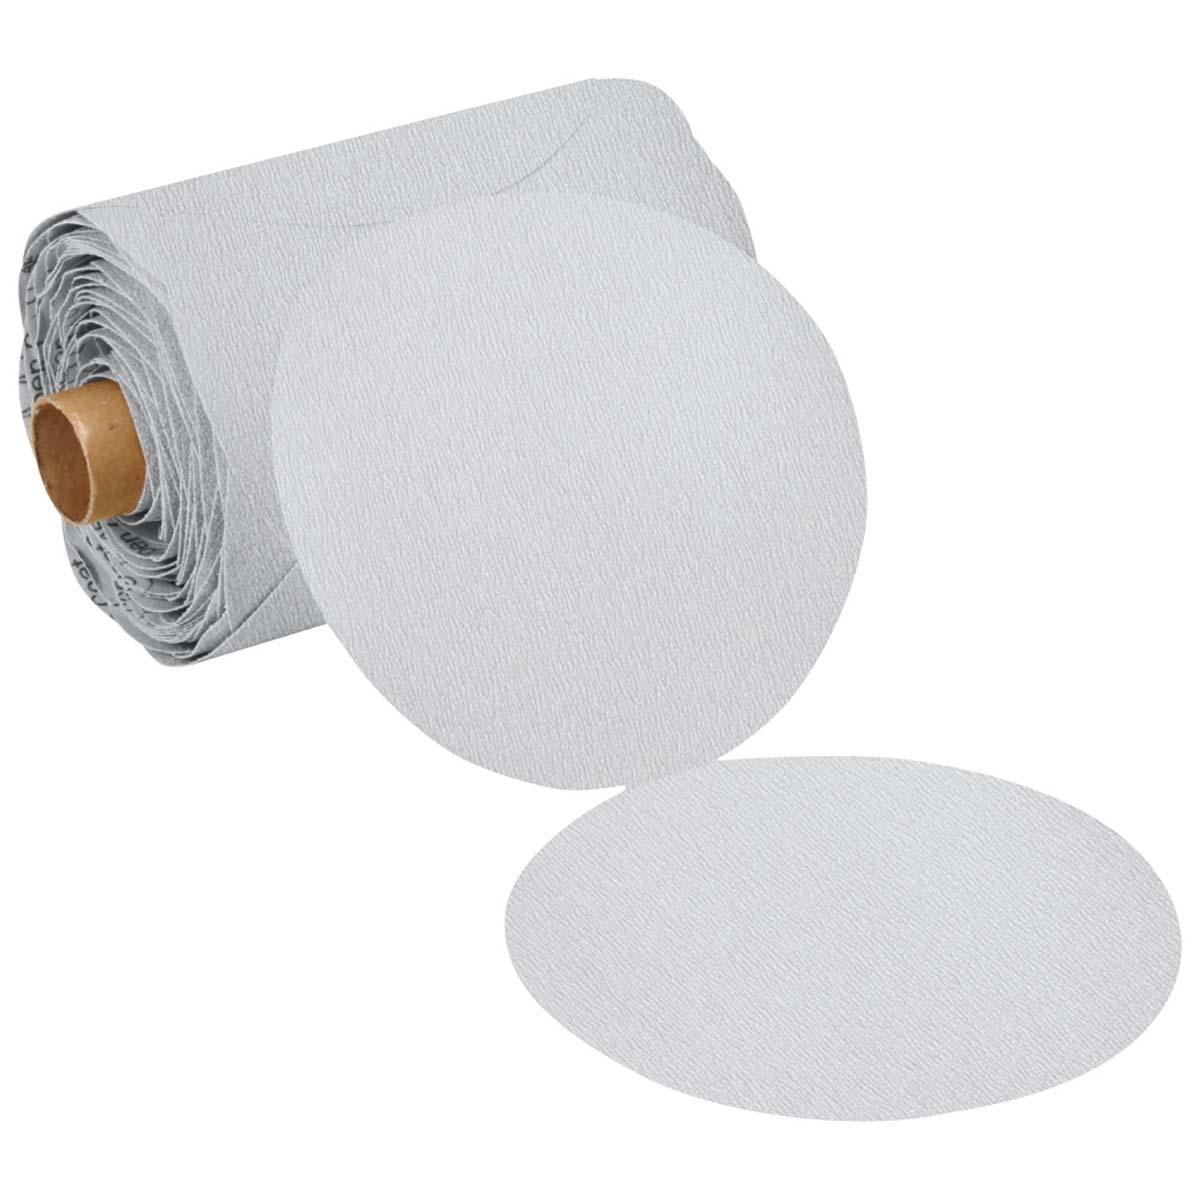 132 Length 6 Width 132 Length VSM Abrasives Co. Fine Grade Black Cloth Backing Silicon Carbide 320 Grit 6 Width VSM 209473 Abrasive Belt Pack of 10